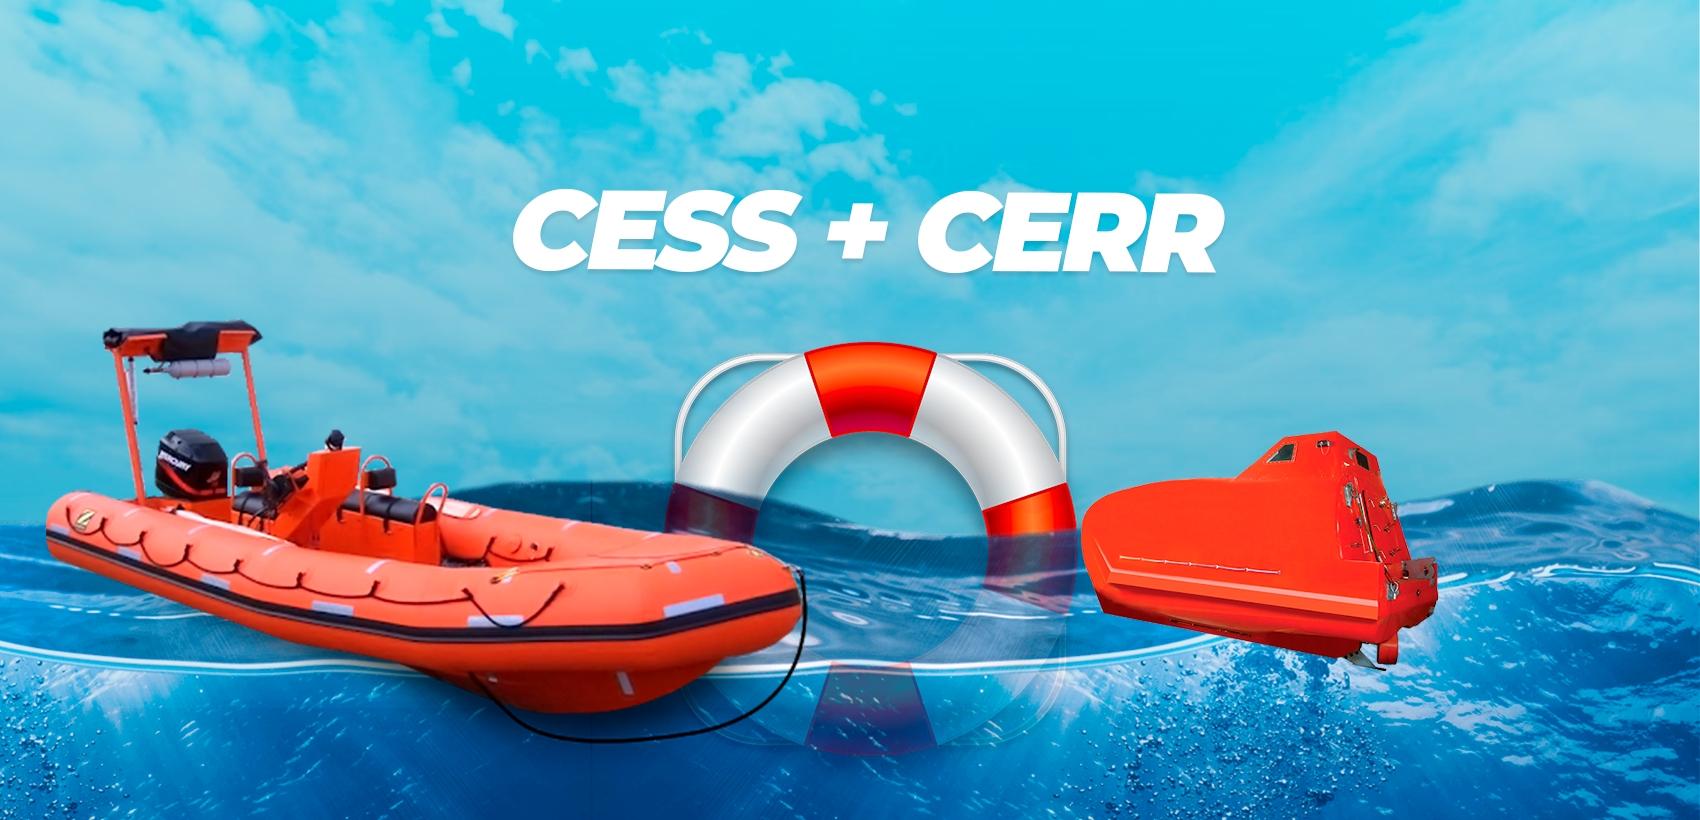 CESS + CERR (Resgate de Embarcação em Alto Mar)